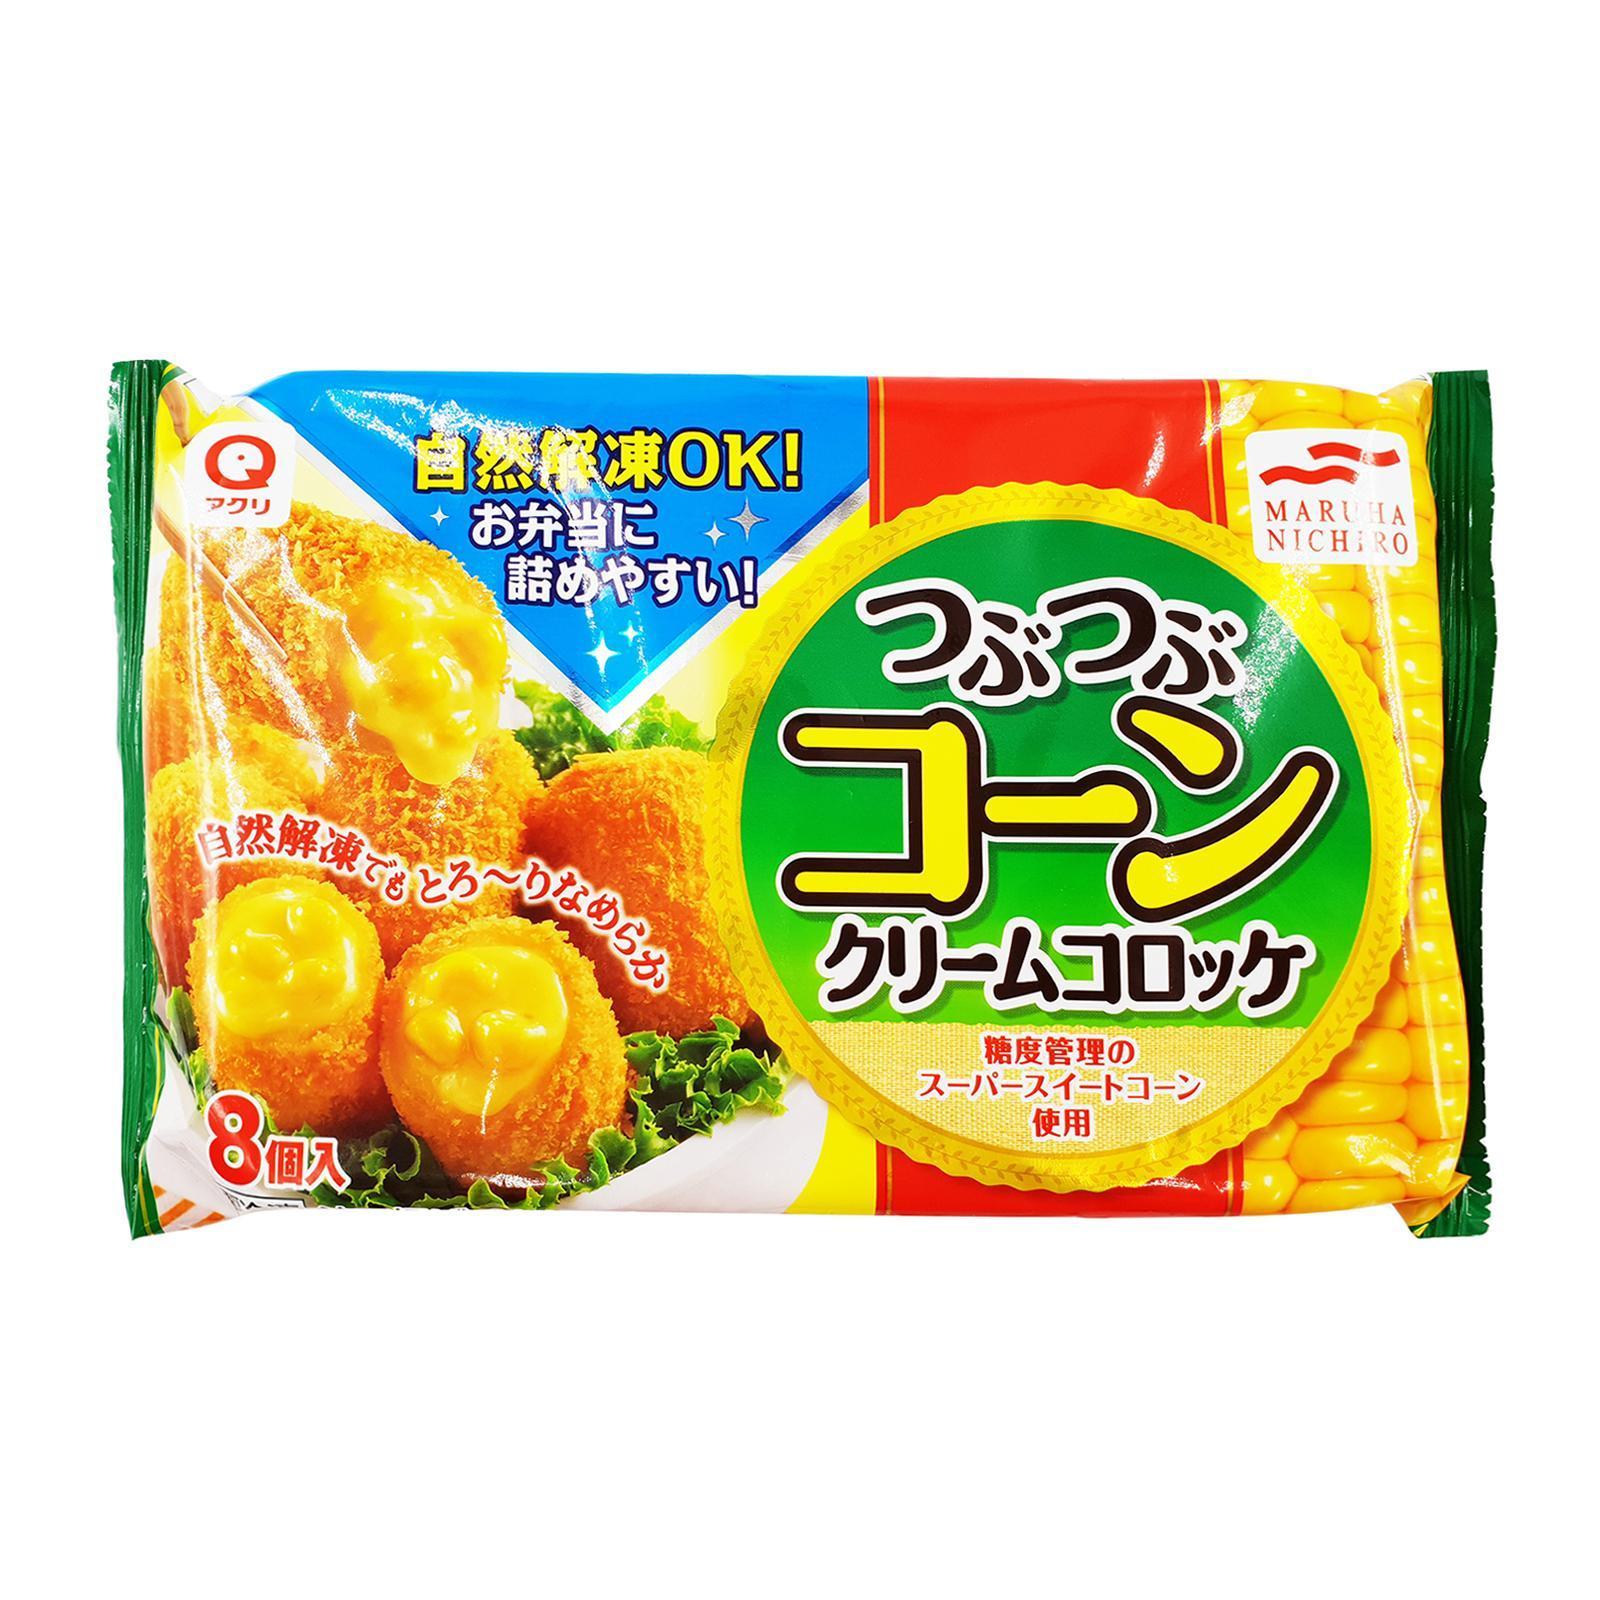 Maruha Nichiro Tsubutsubu Corn Cream Croquette 8pcs - Frozen